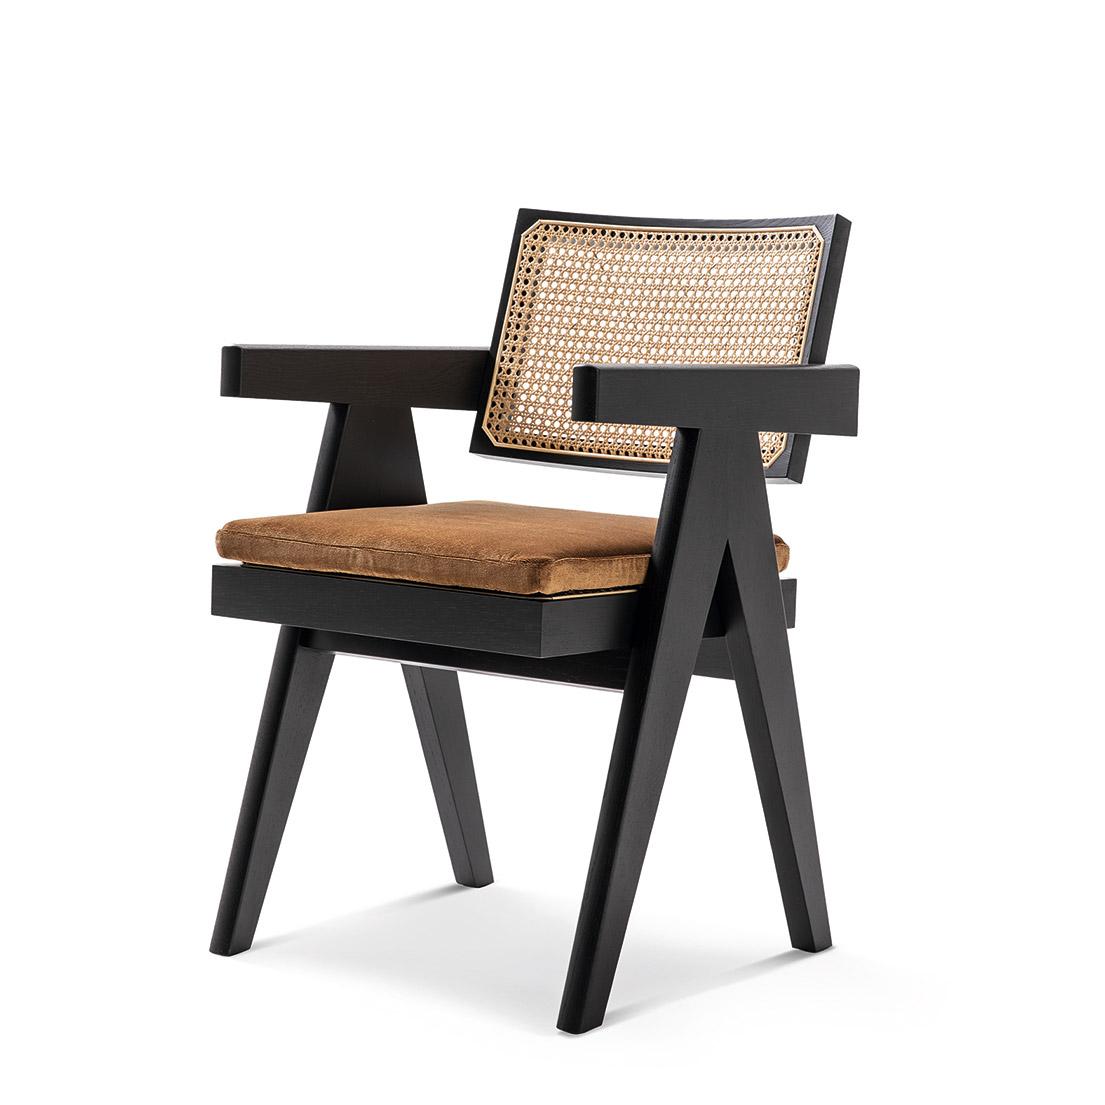 名作椅子検定】いくつ知ってる? 名作椅子の物語。 | カーサ ...